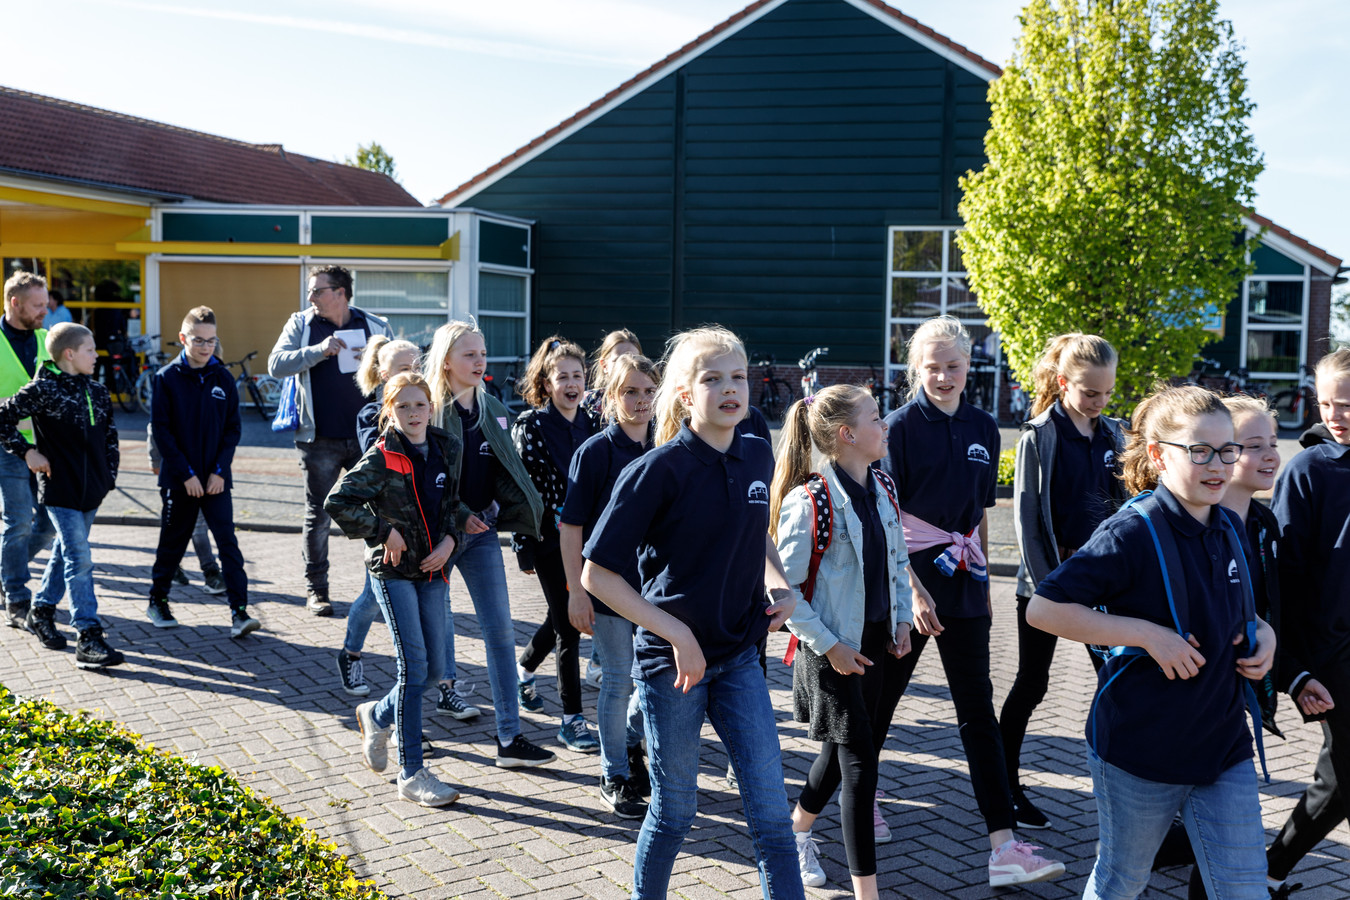 Ongeveer vijfhonderd wandelaars, waaronder veel leerlingen van scholen uit Oldemarkt en omgeving, zijn maandagavond gestart voor de avondvierdaagse.